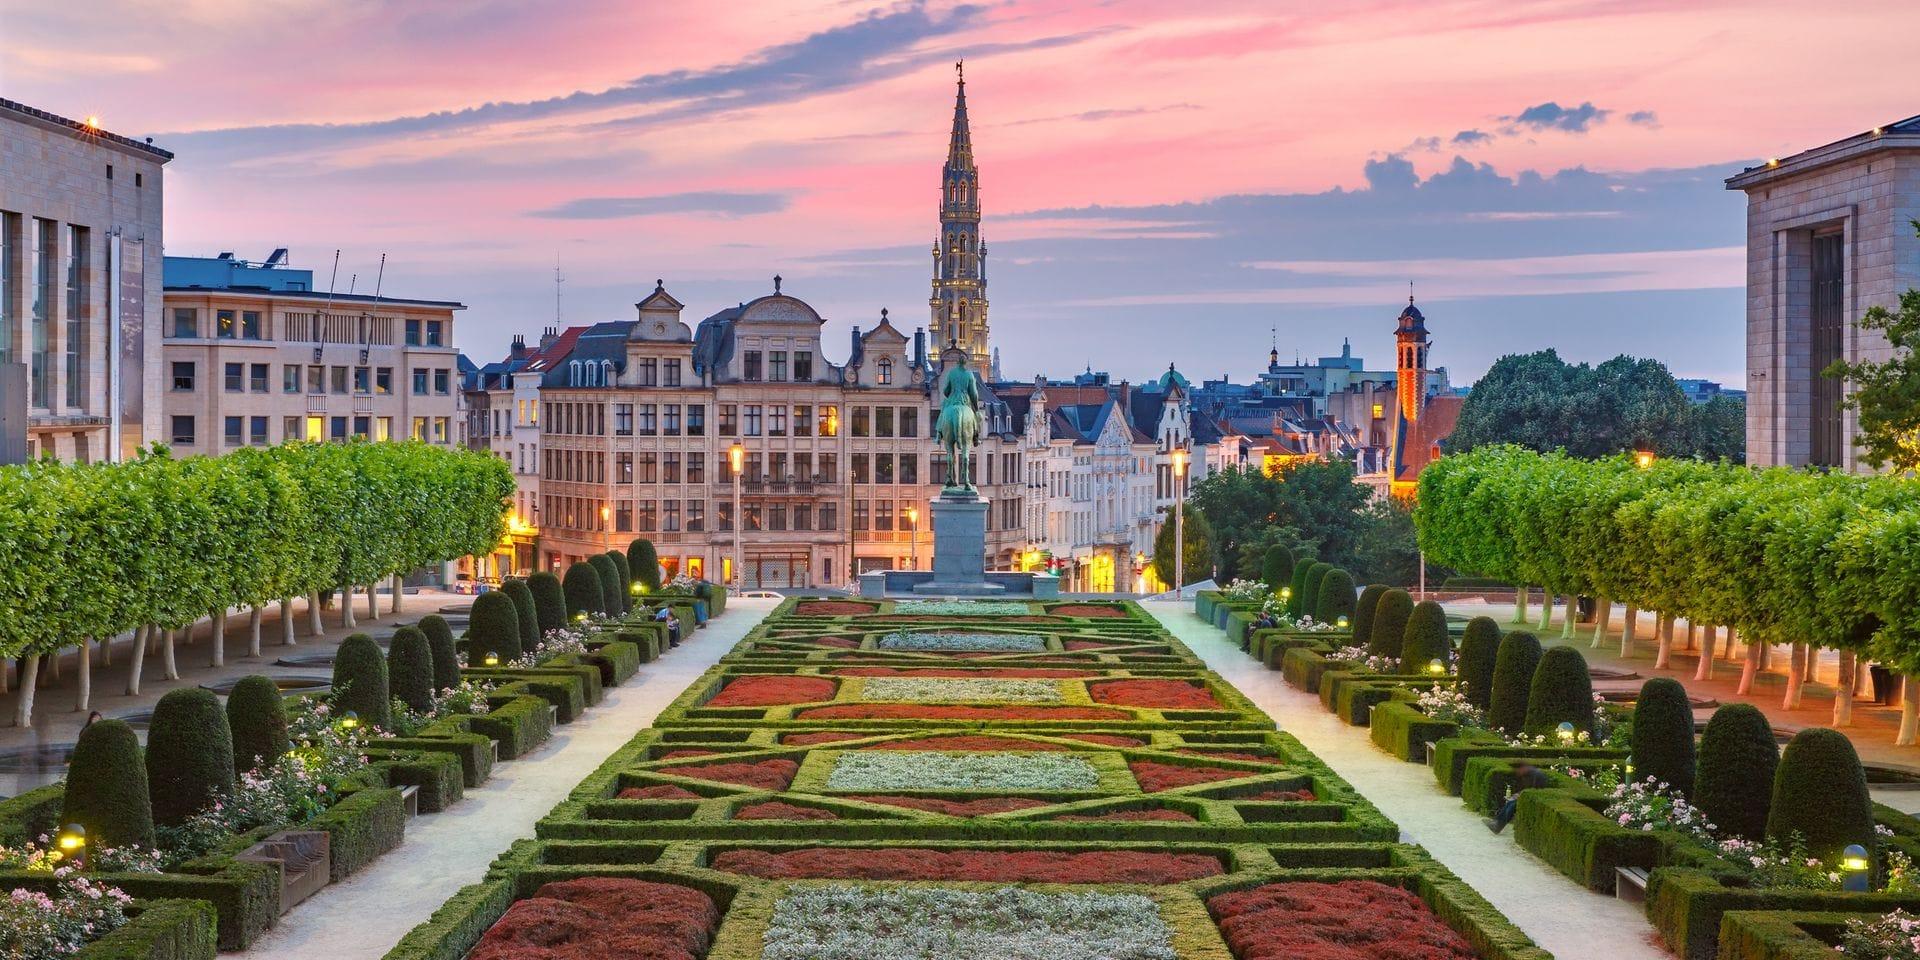 Bruxelles obtient un score élevé pour ses infrastructures de transport, grâce à l'accessibilité du rail, des bus, des aéroports et des ports.